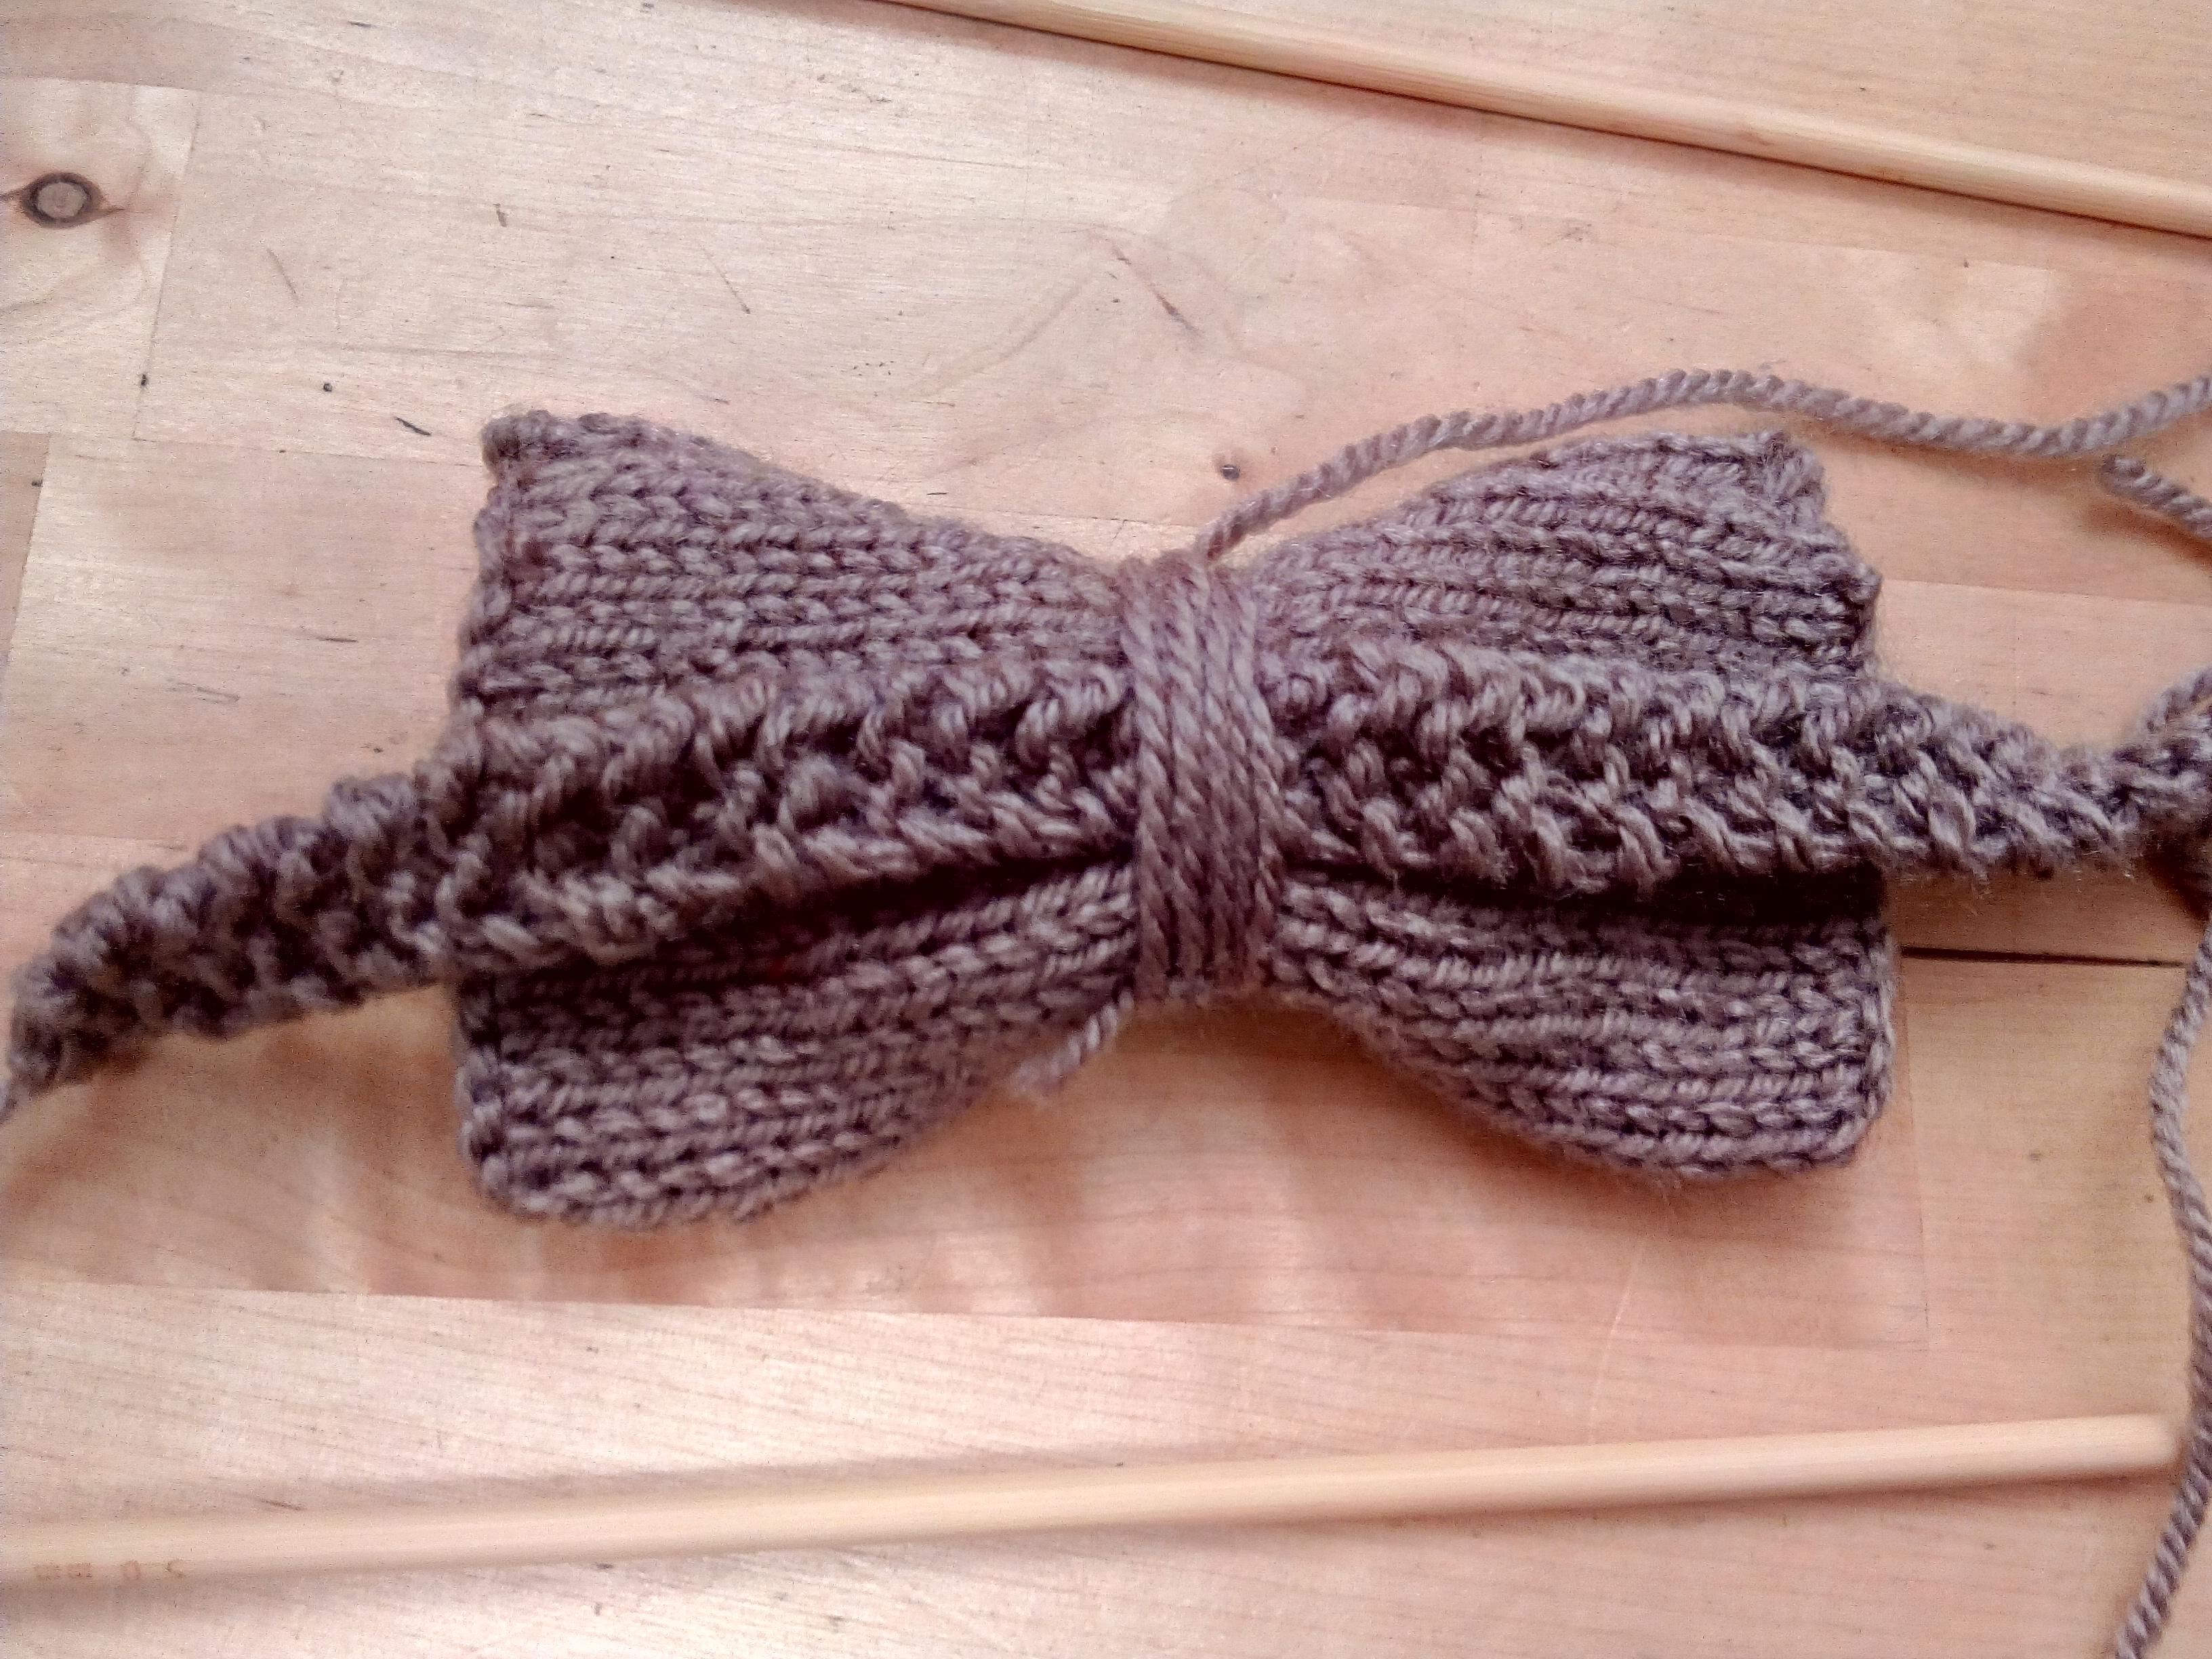 Encantador Patrón De Crochet Bowtie Colección de Imágenes - Ideas de ...